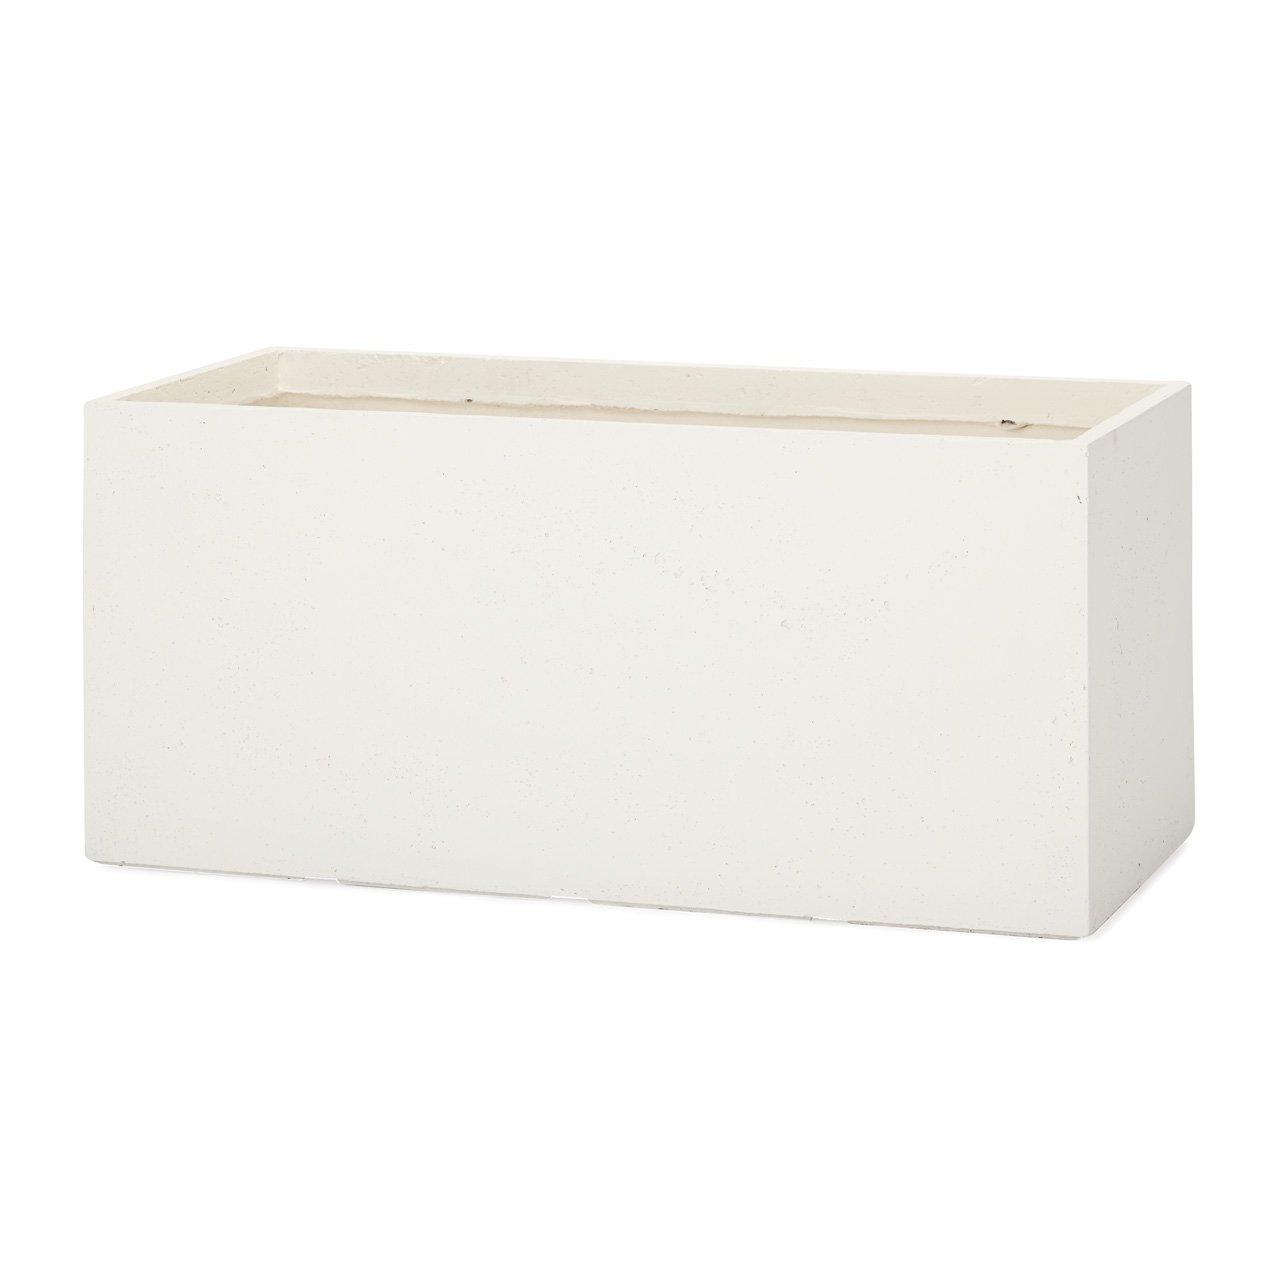 植木鉢 大型 ファイバークレイプロ ラムダ 長角プランター 100 ホワイト B00LSBN2O6 100|ホワイト ホワイト 100